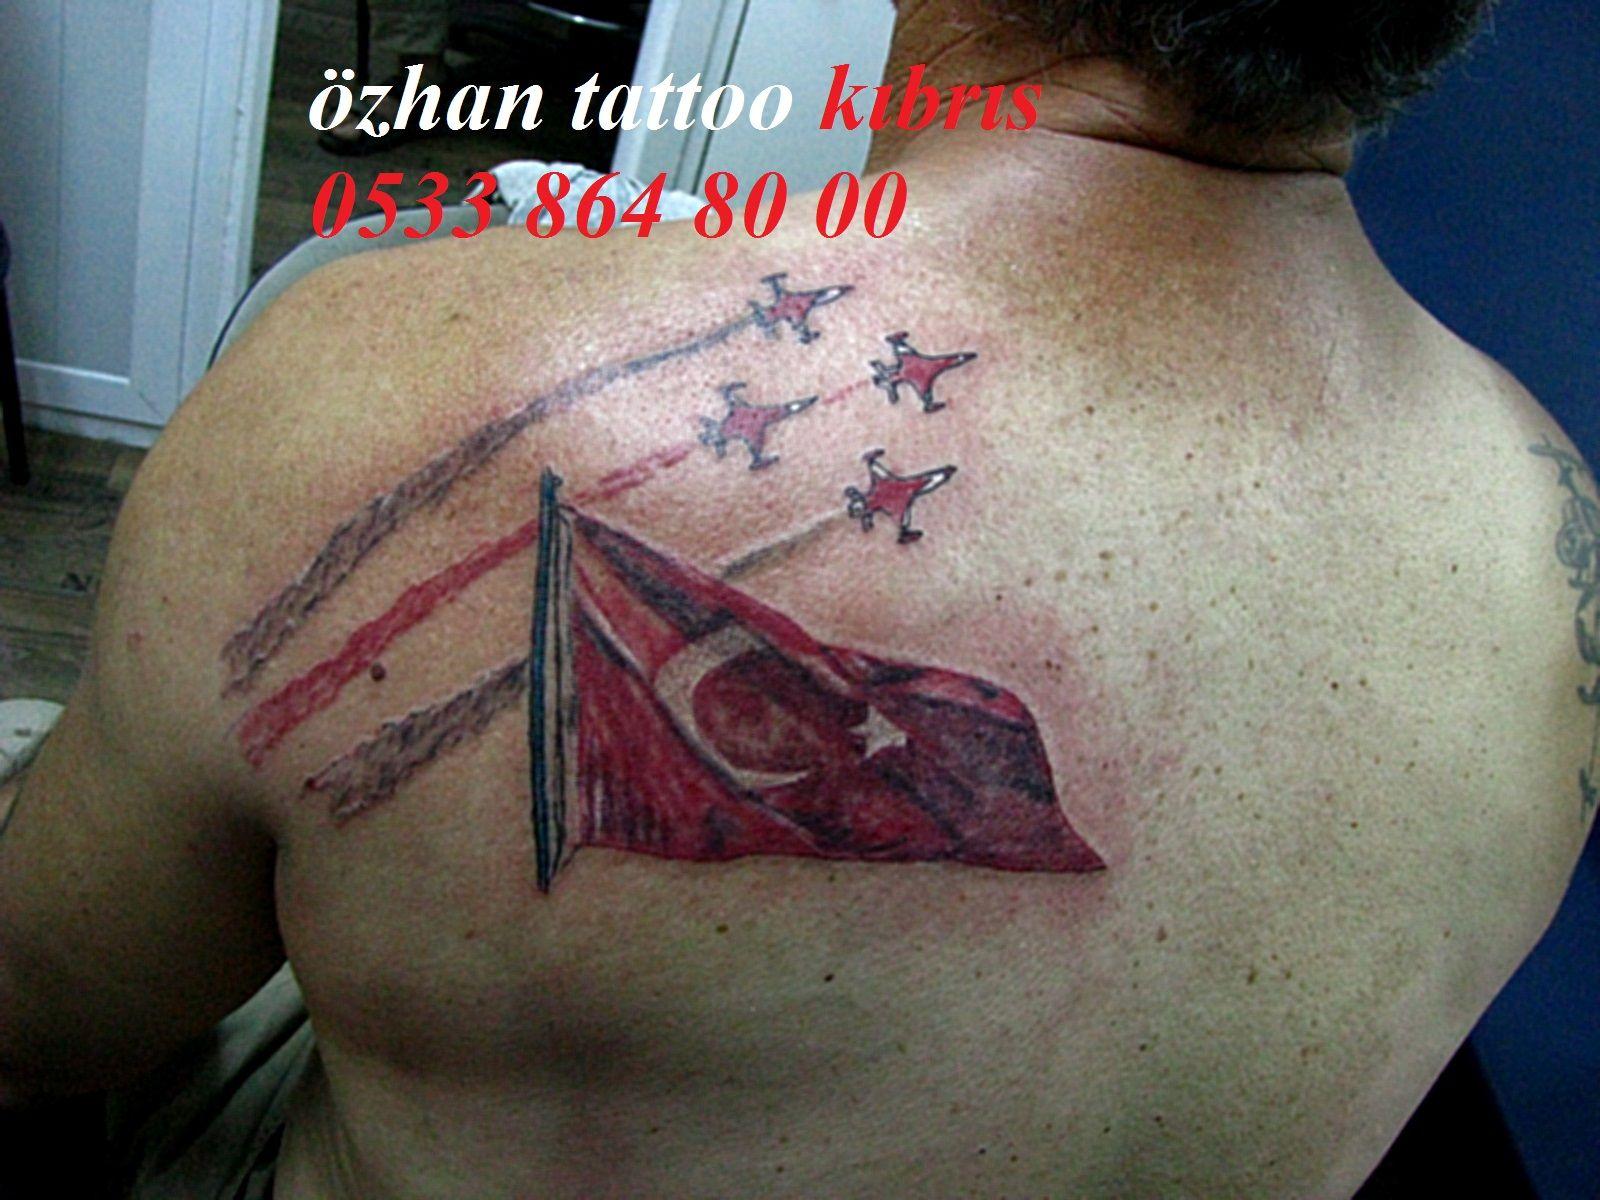 Dovme Kibris Tattoo Cyprus Cyprus Tattoo Nicosia Tattoo Dovme Modelleri Tattoo Dovme Tattoo Dovme Dovme Fiyatlari Tattoo Designs Dovme Modelleri Dovme Tattoo